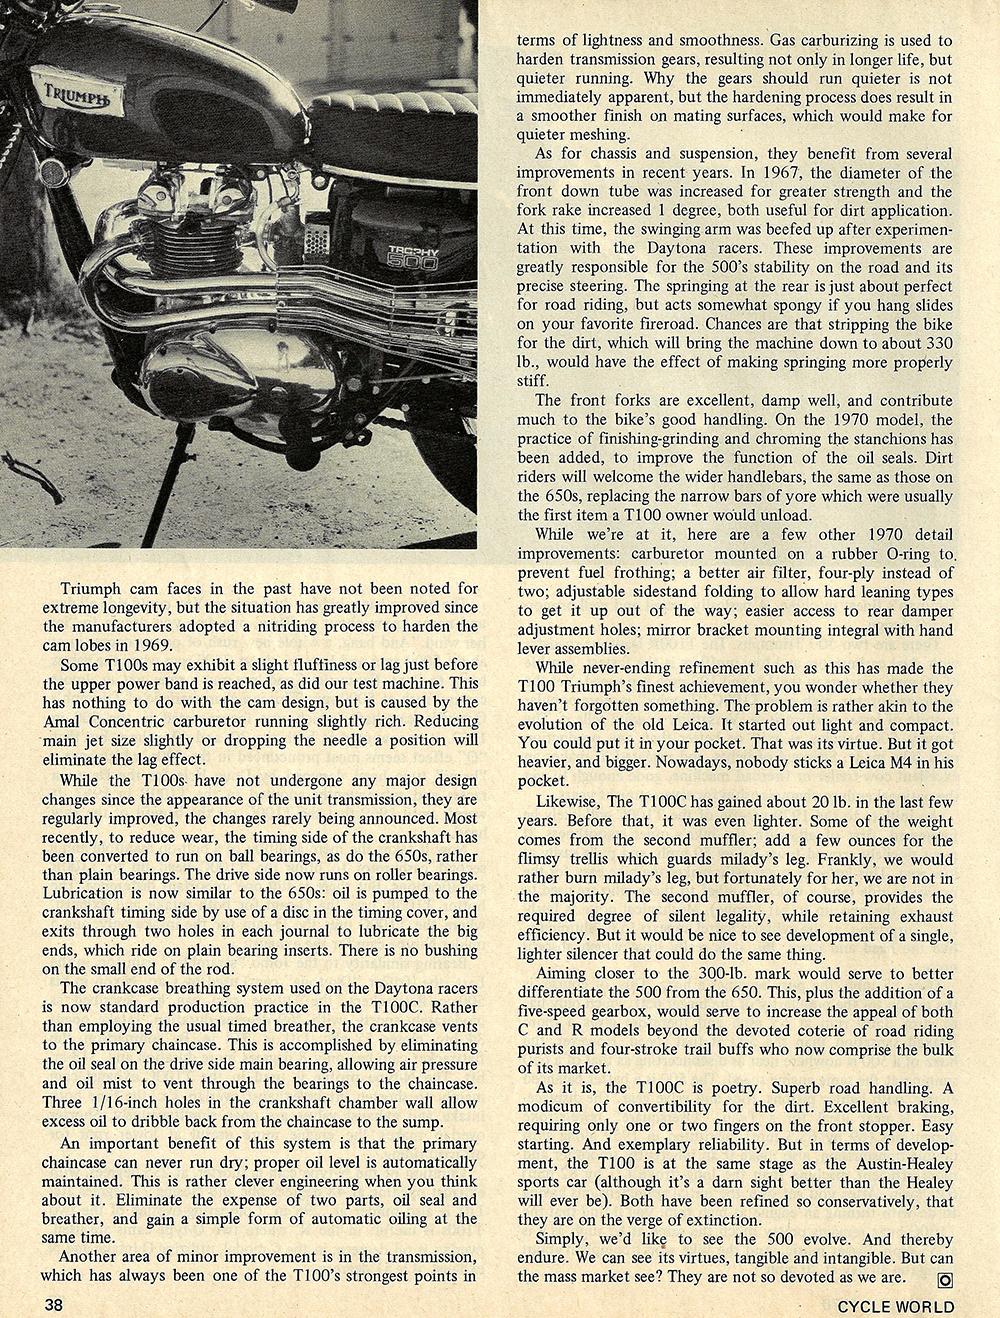 1970 Triumph Trophy 500 road test 03.jpg